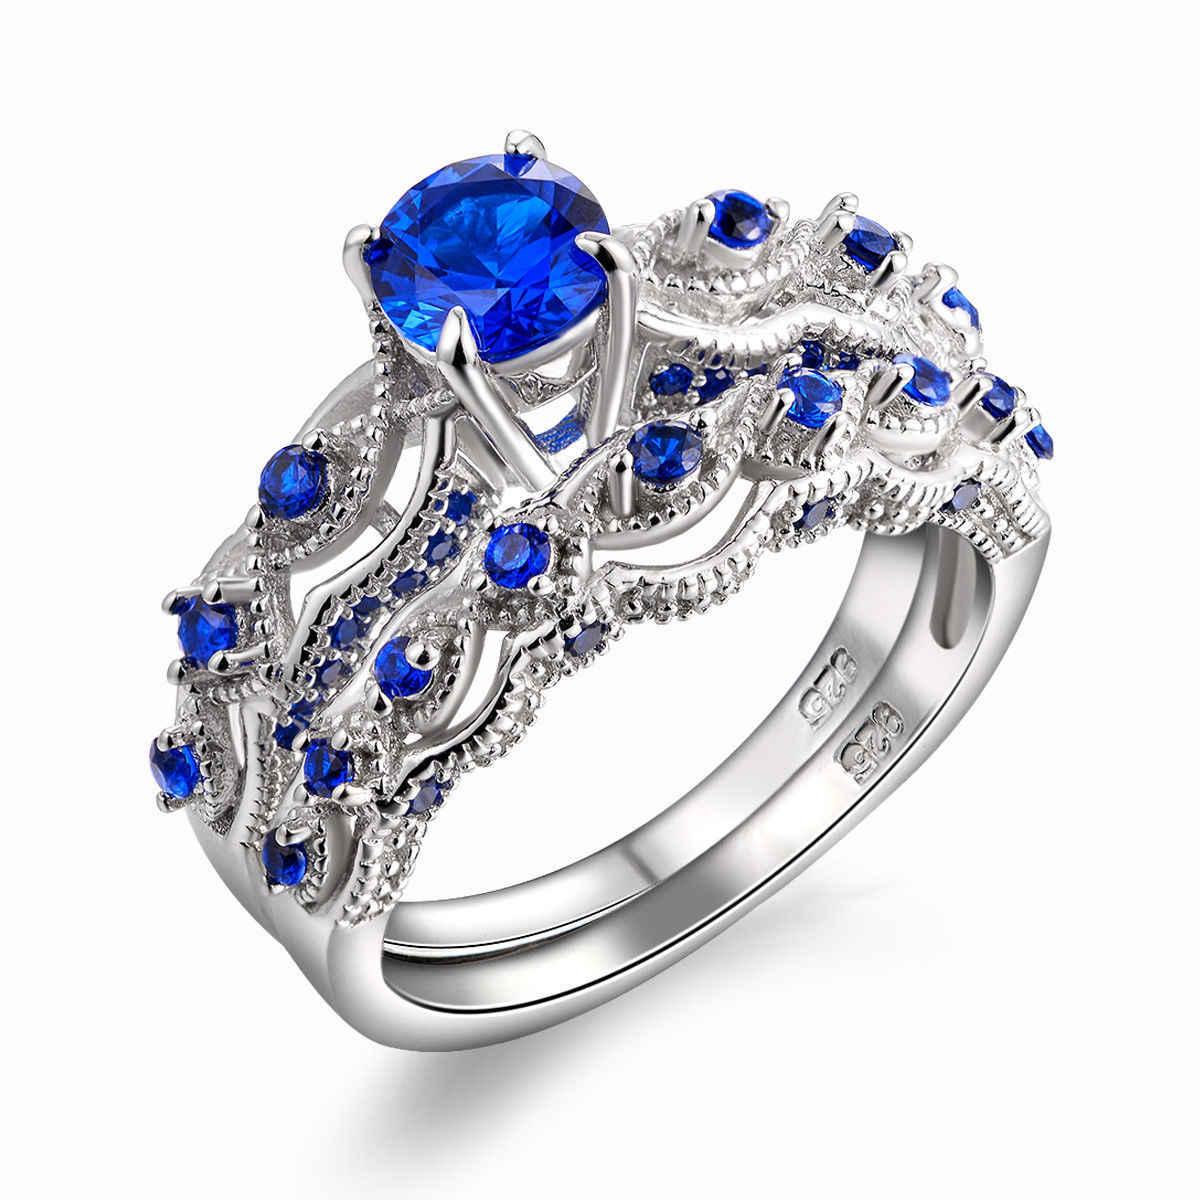 Круглый сапфир свадебное кольцо с бриллиантом Голубой топаз 14 К золото Anillos De Rings Bague Etoile Bizuteria Аквамарин кольцо с диамантами 6 7-10